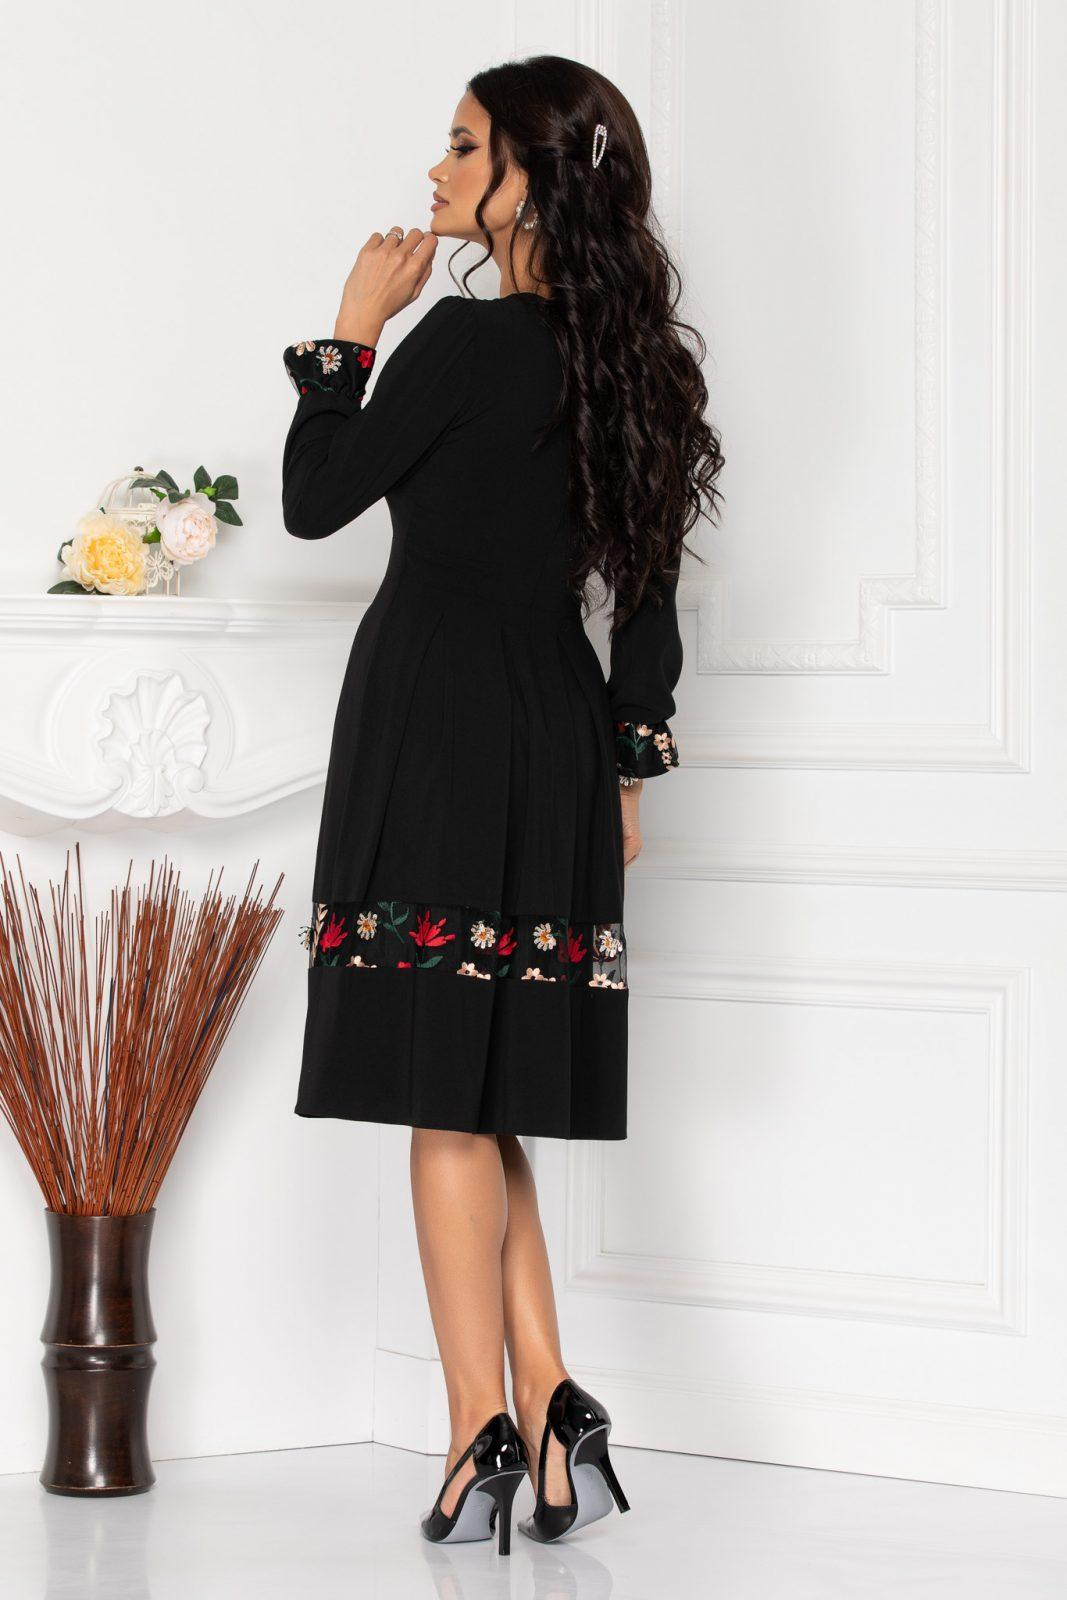 Μαύρο Φόρεμα Με Κέντημα Moze Becca 8495